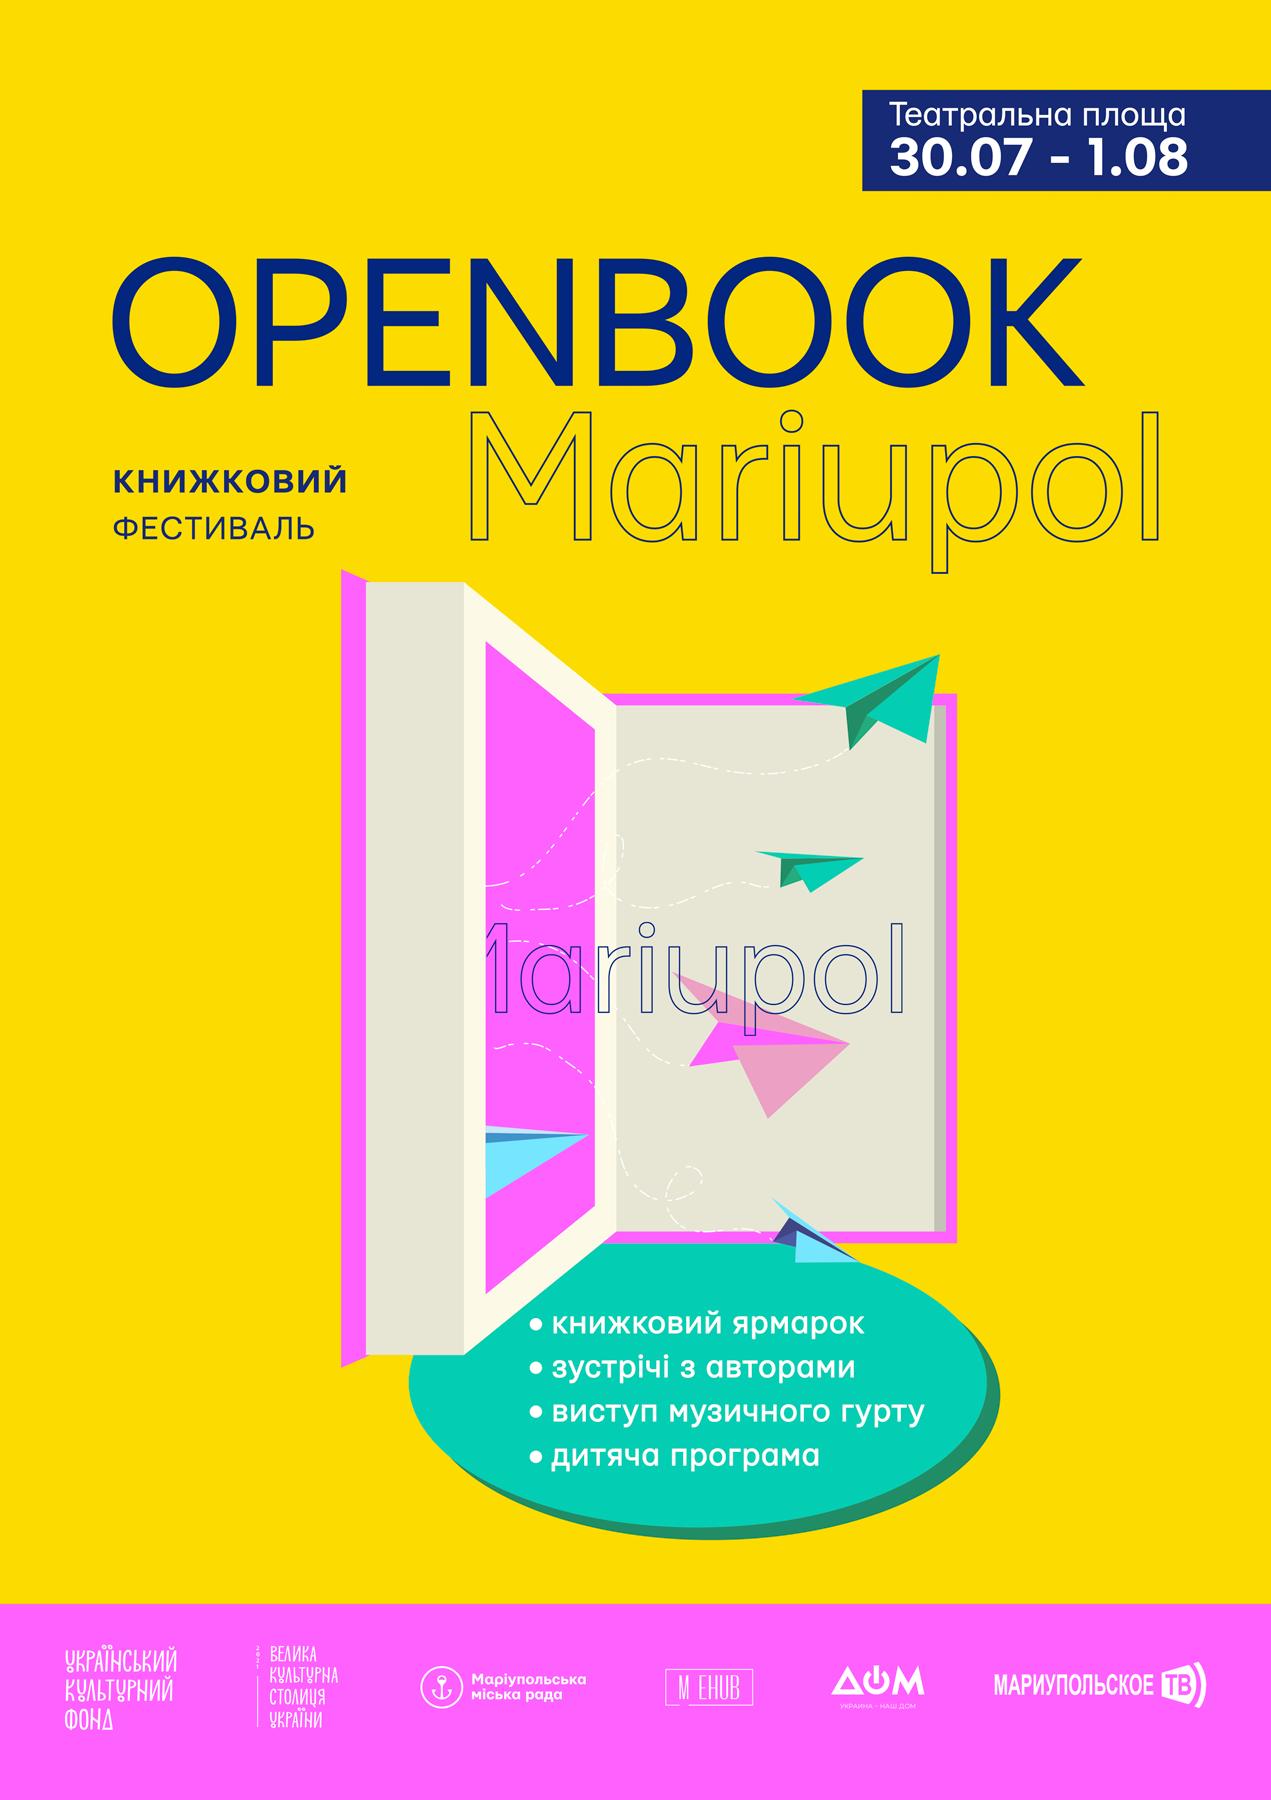 """Всі за книжками! У Маріуполі пройде масштабний фестиваль """"Open Book"""", фото-1"""